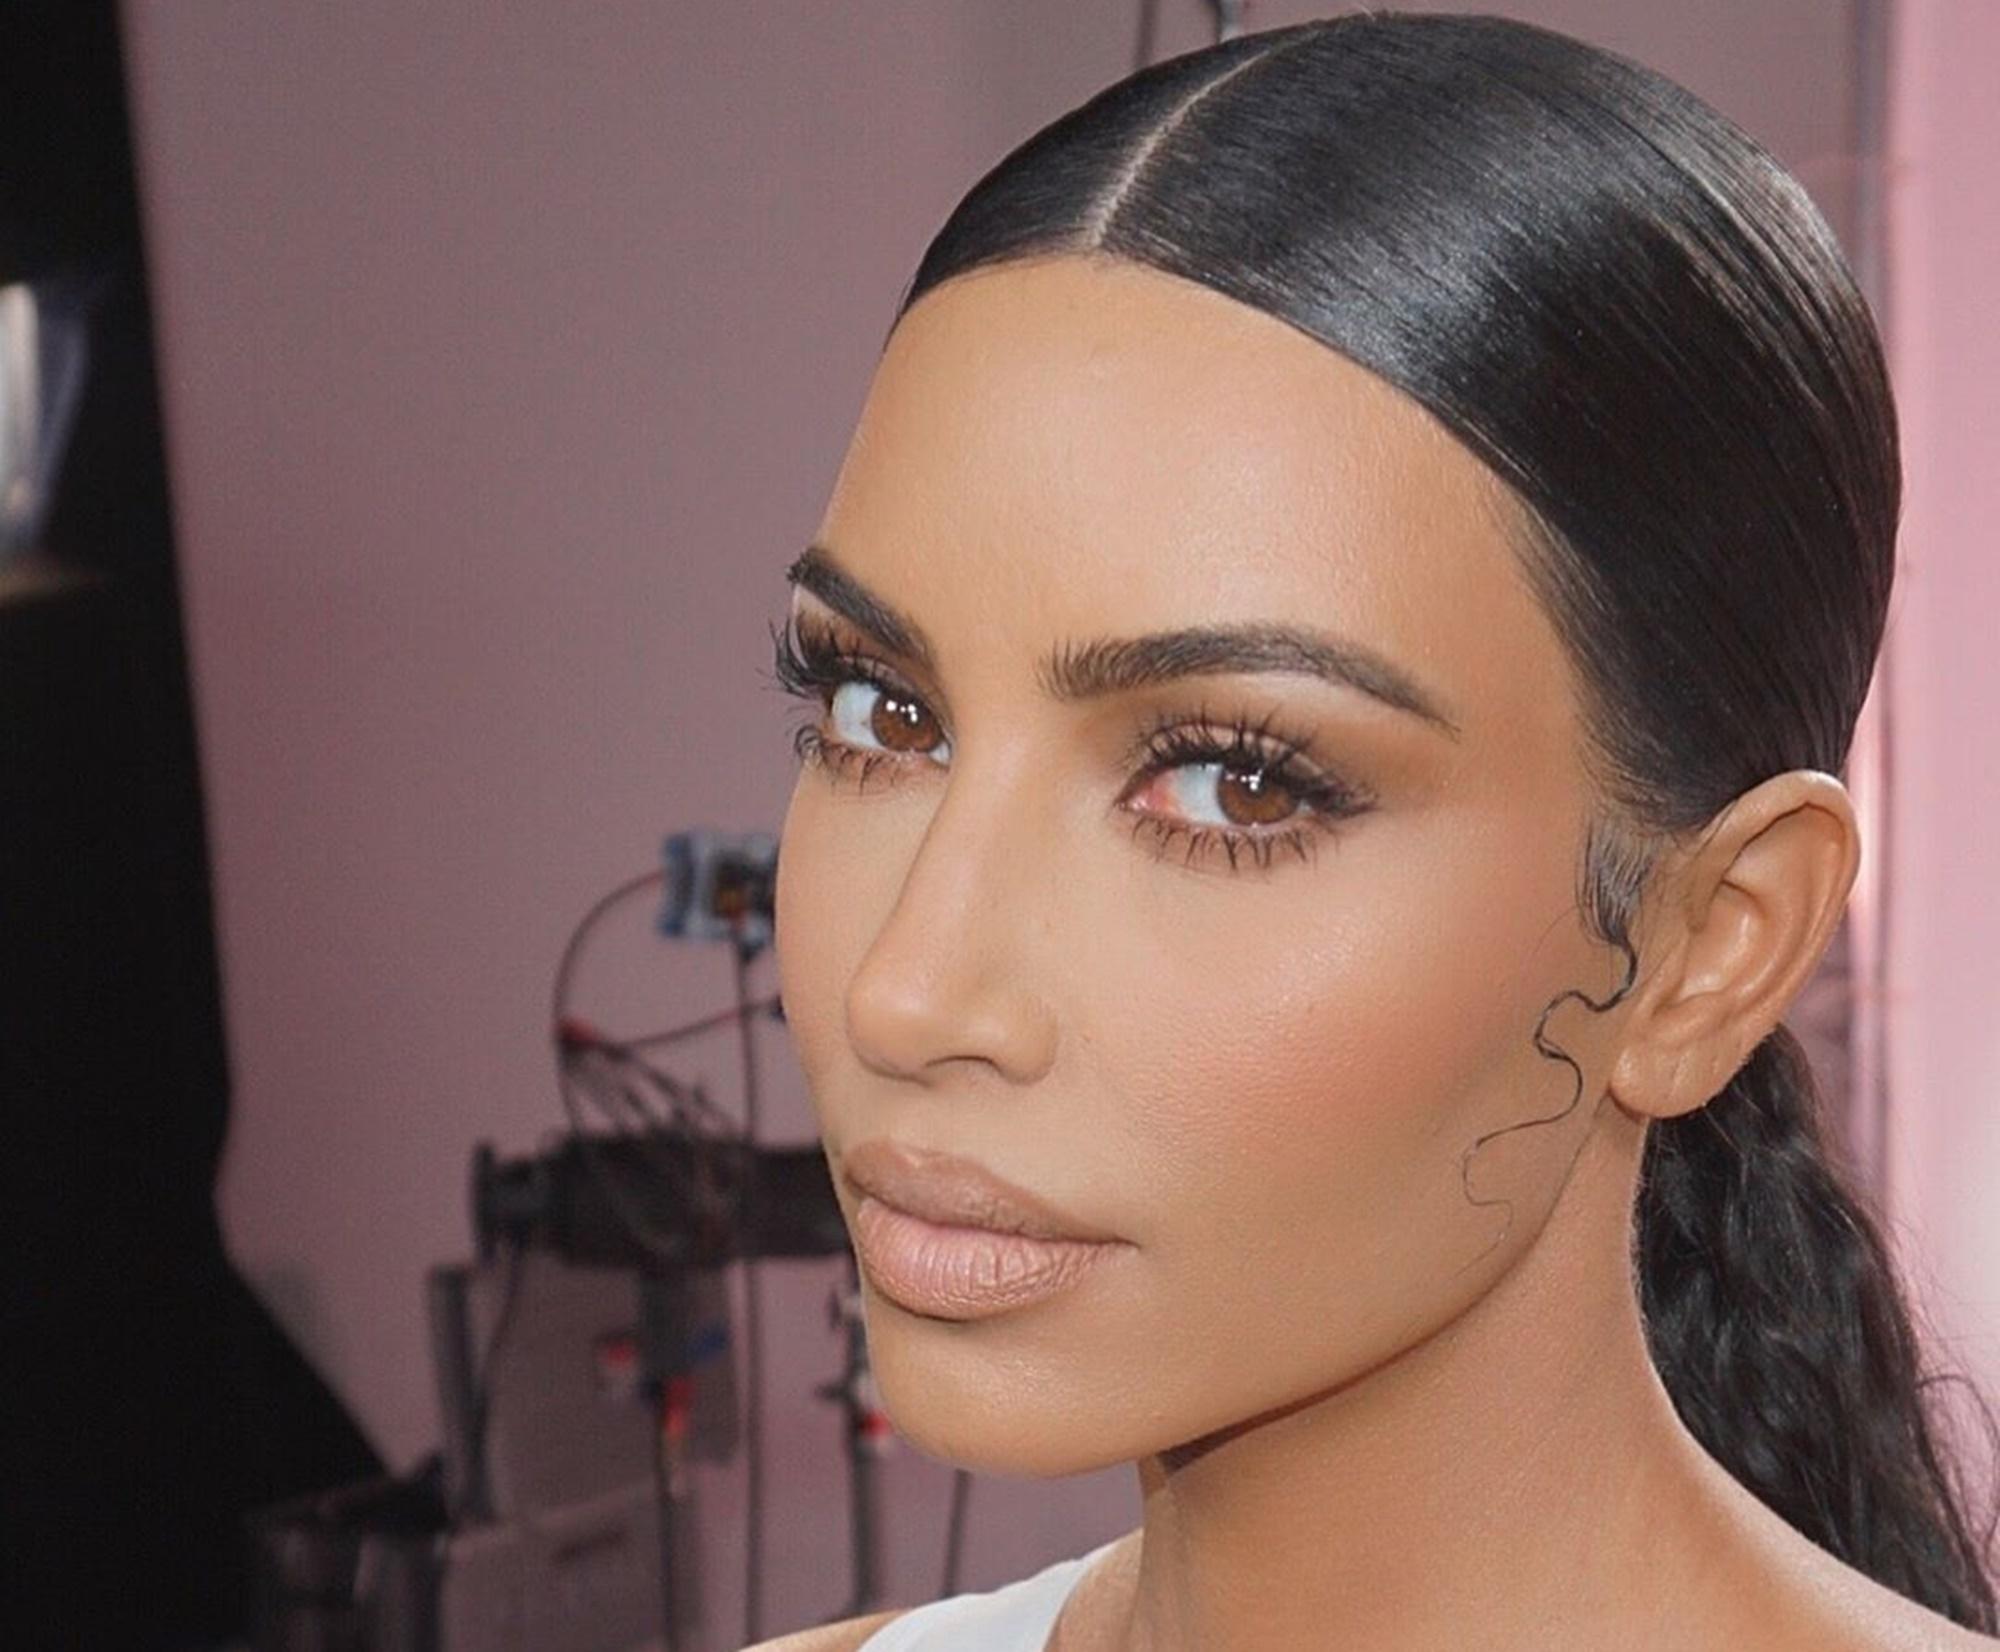 Kim Kardshian Kanye West Lawyer 2020